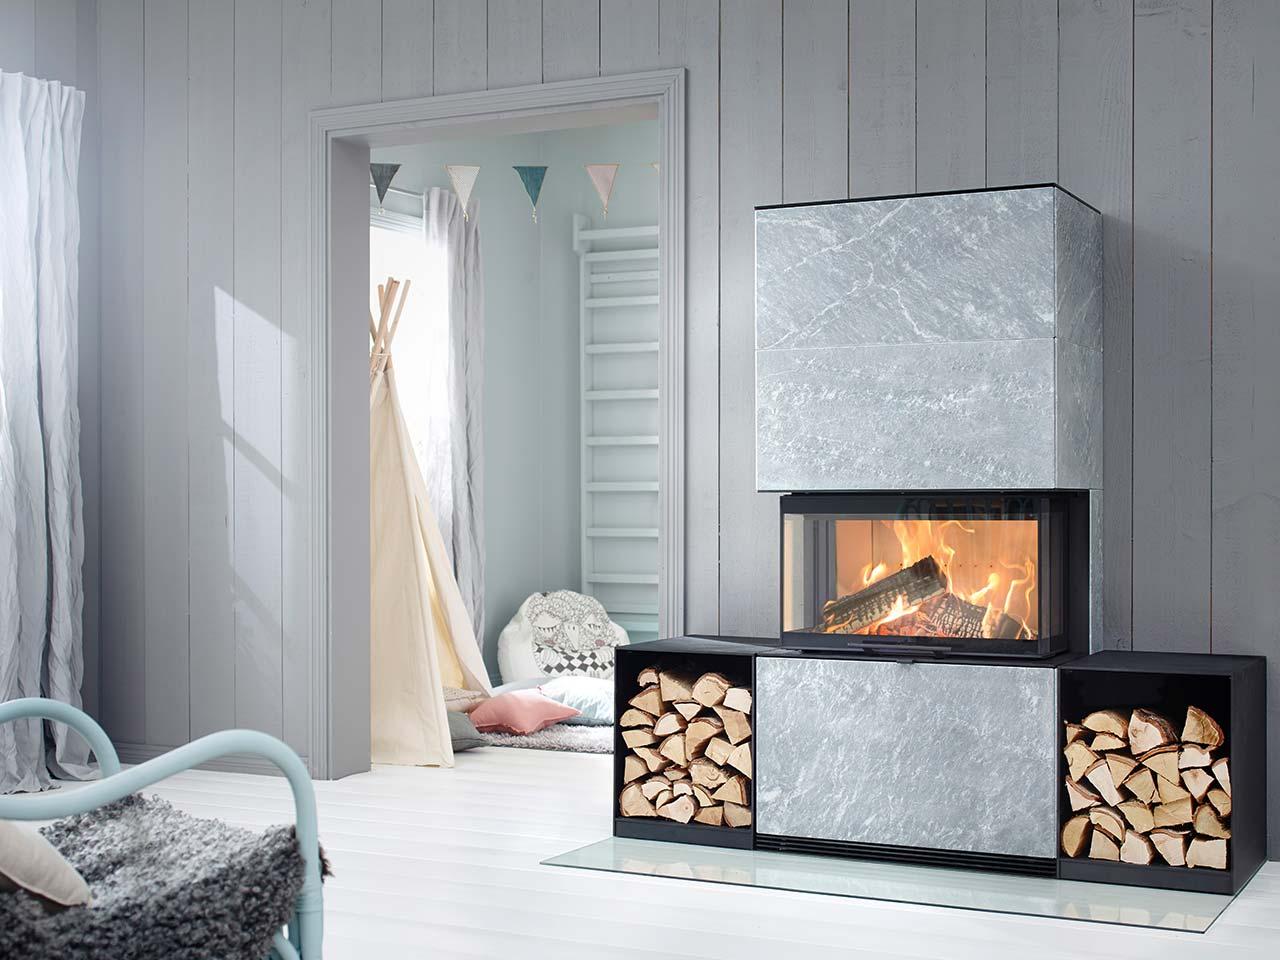 Moderner Kaminofen Contura i51t mit Speckstein-Verkleidung und seitlichen Fächern zur Holzablage